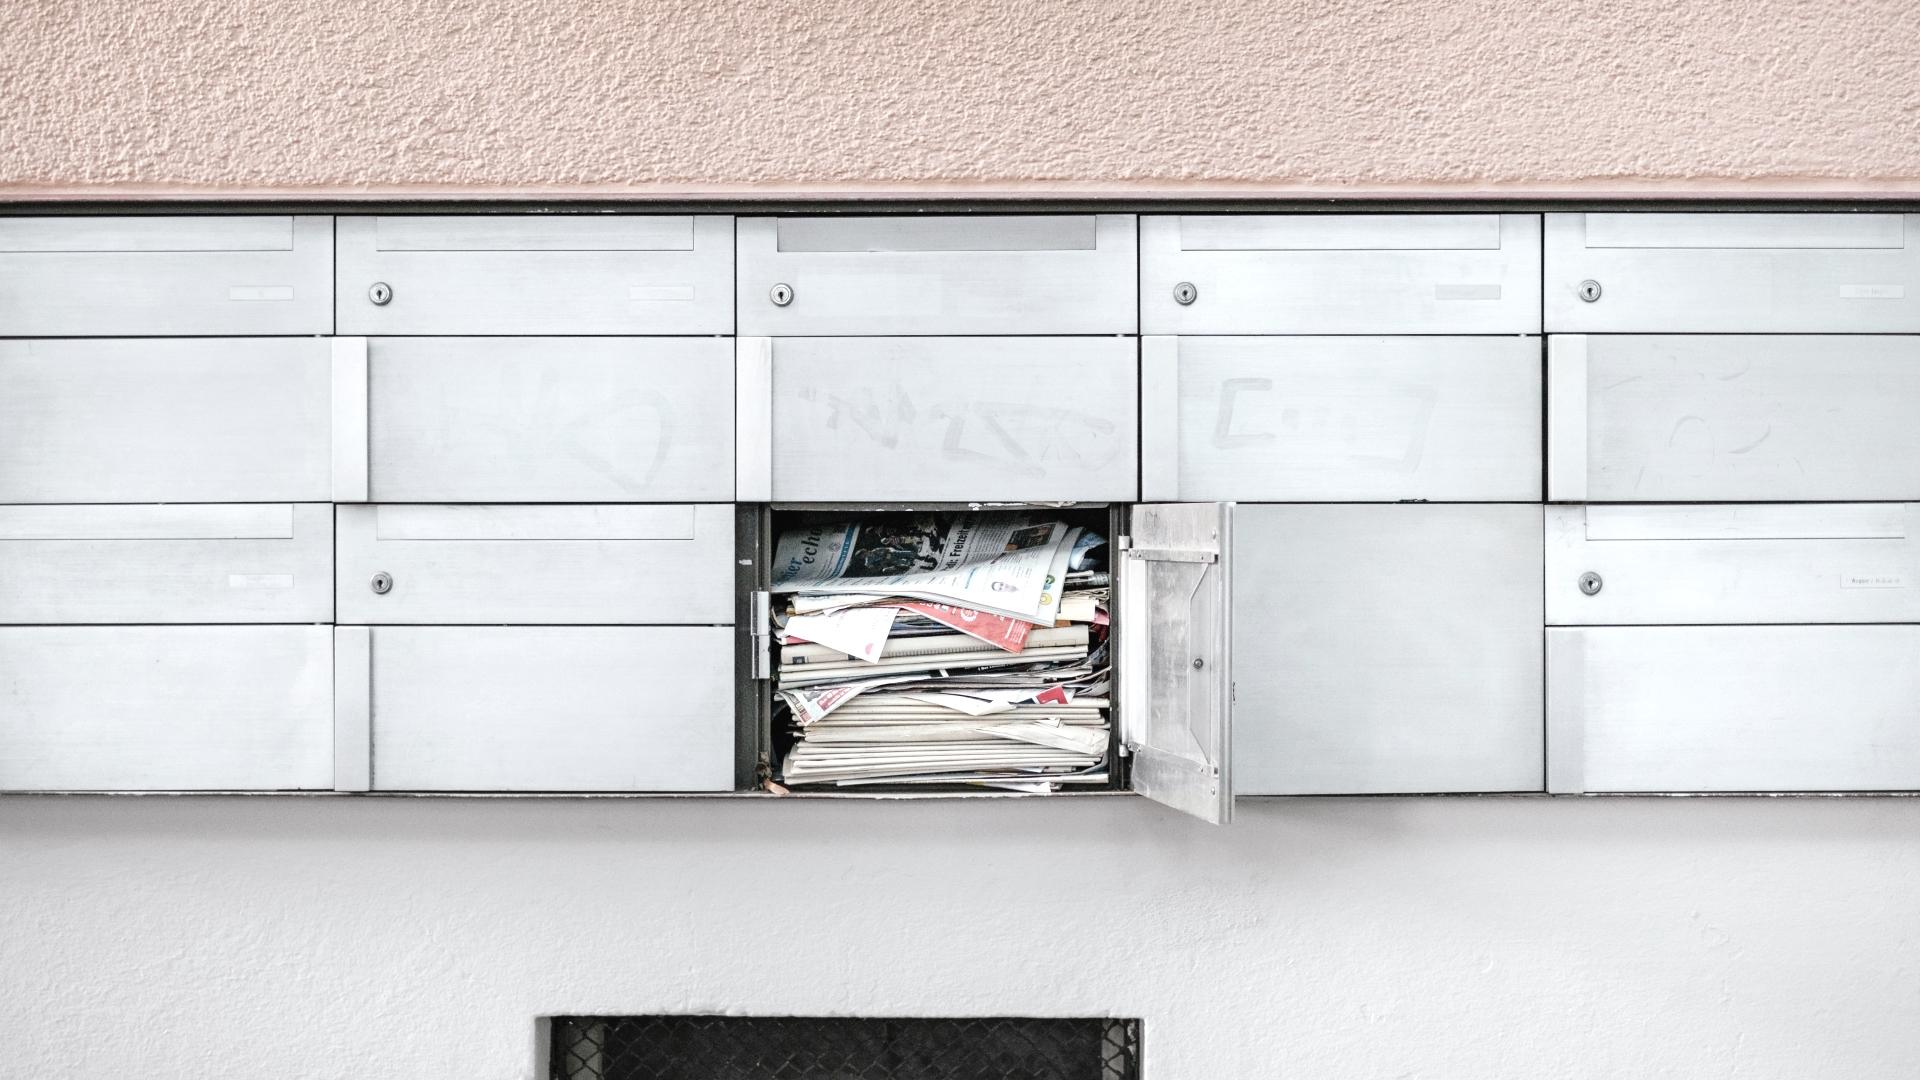 Briefkasten, Impressum, unsplash.com, Samuel Zeller